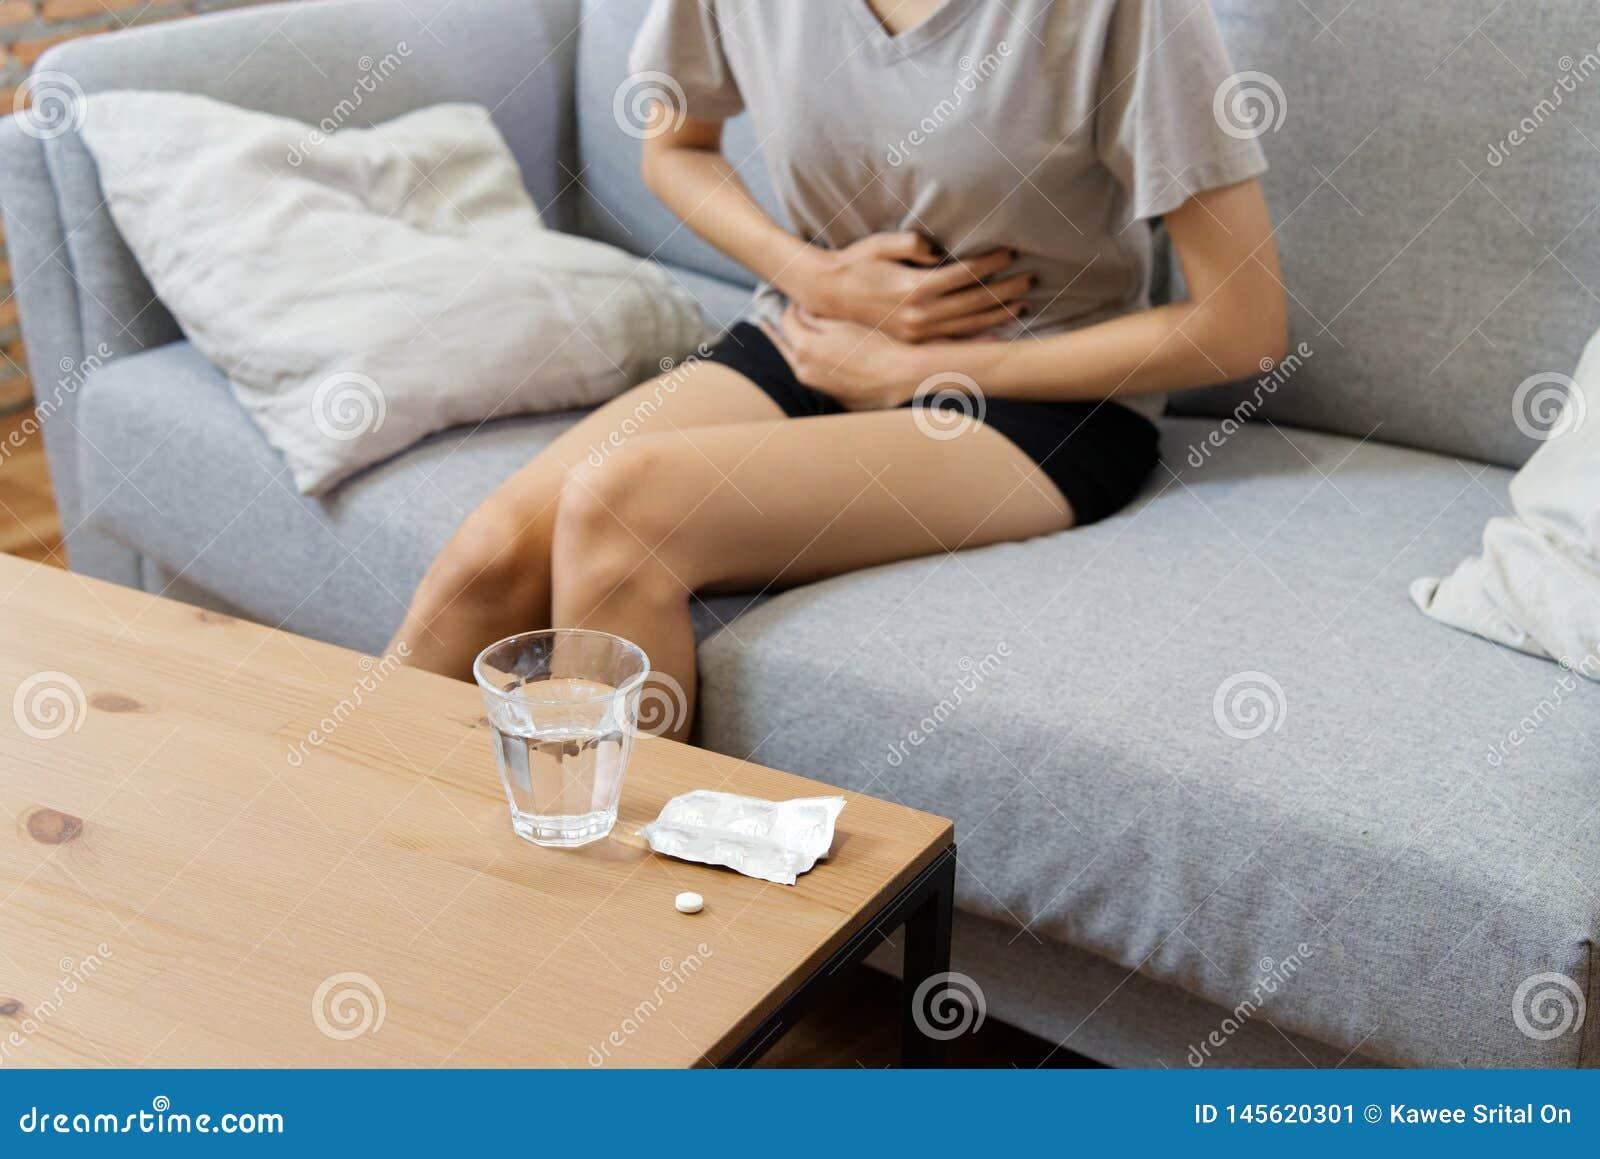 Jeunes femmes asiatiques sur la douleur de sofa du mal de ventre et avoir une certaine fièvre en raison des règles